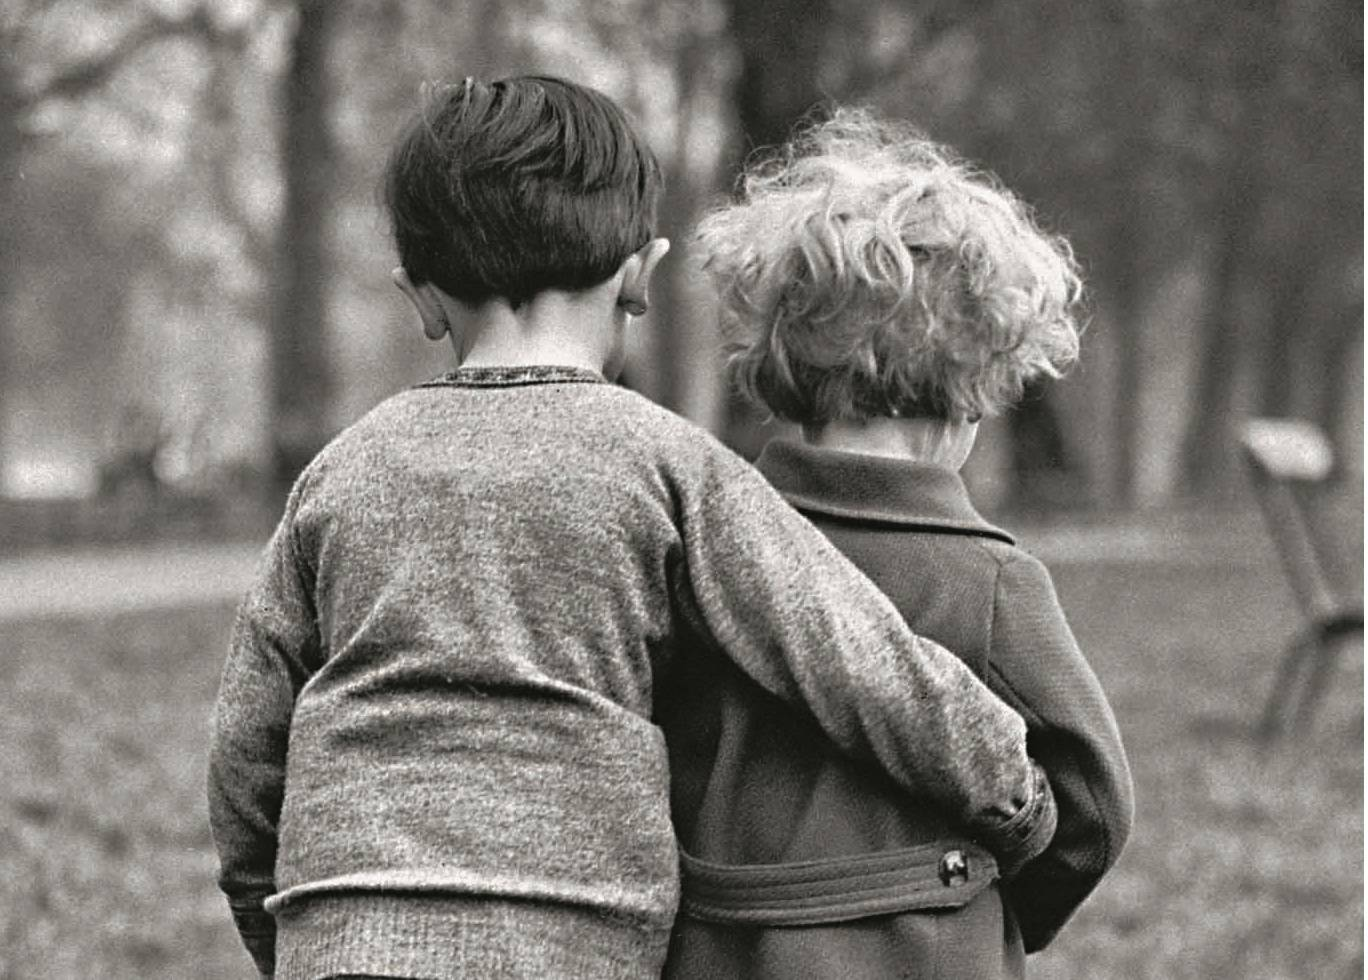 Дружеские отношения: дружат ли мужчины и женщины